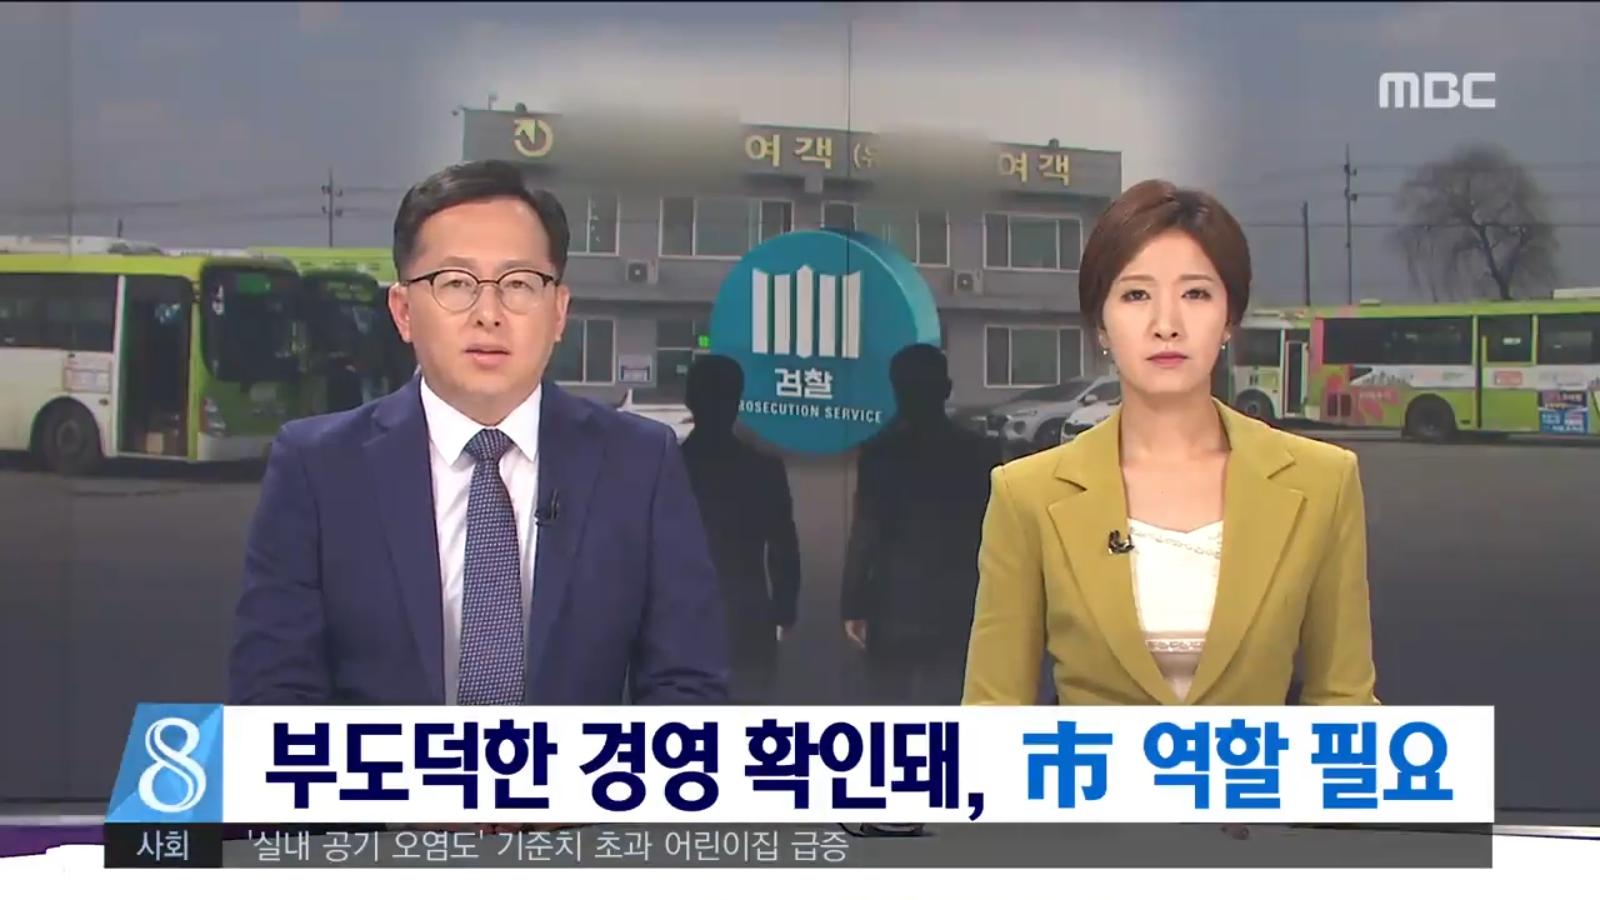 [18.5.7 MBC전주] 전주시내버스 부도덕한 경영 확인돼, 전주시 책임은1.jpg